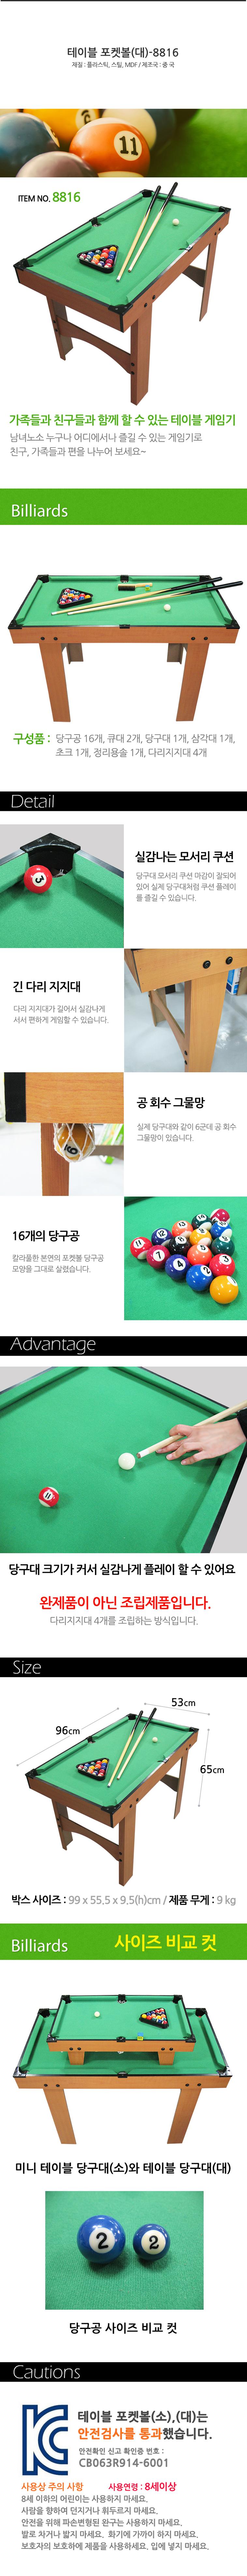 데코앤 미니 테이블 포켓볼 (대) - 세계토이, 135,000원, 보드게임, 2인용 게임